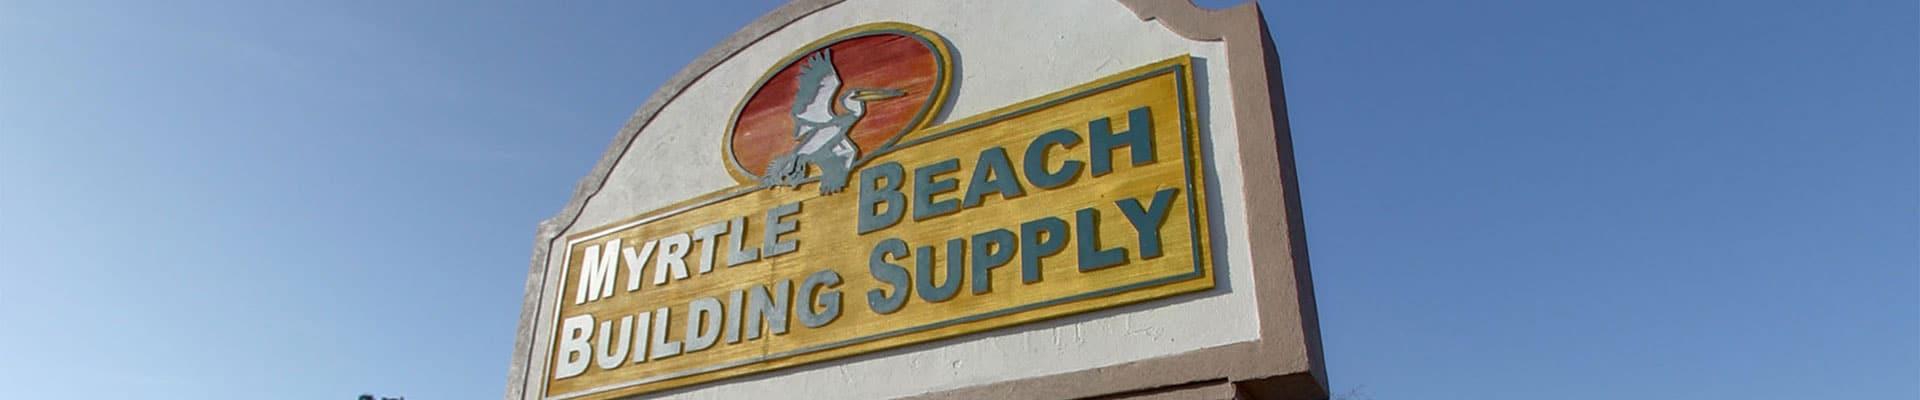 Building Supplies In Murrells Inlet Sc